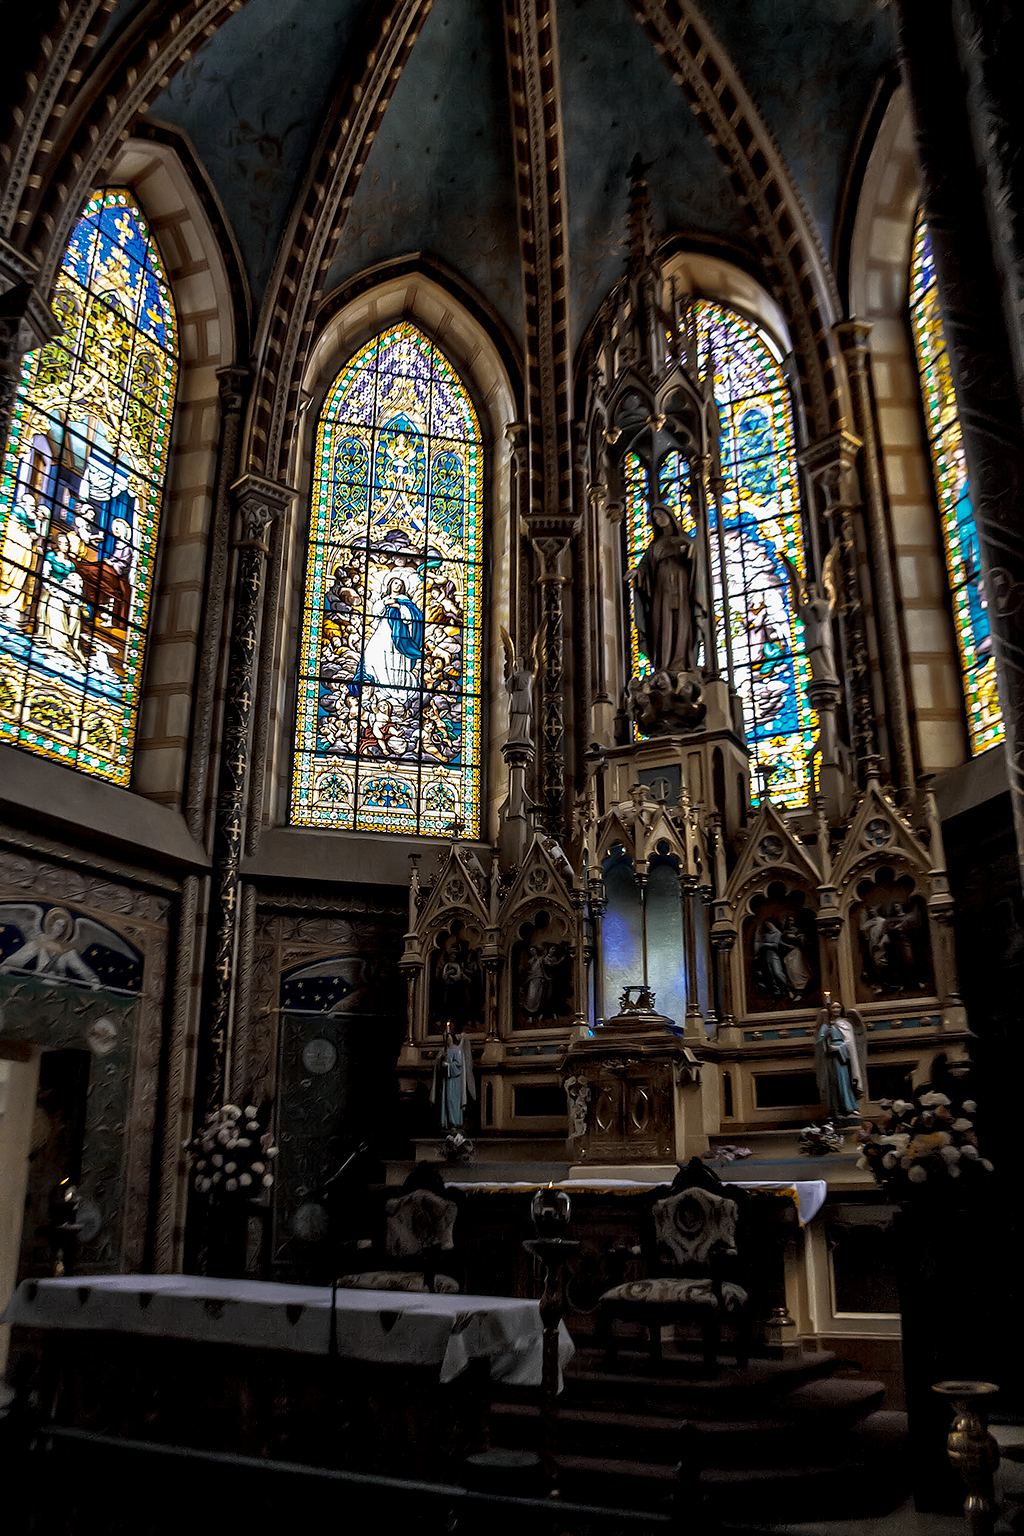 Altar y vitrales de la Basílica del Voto Nacional, Quito, Ecuador